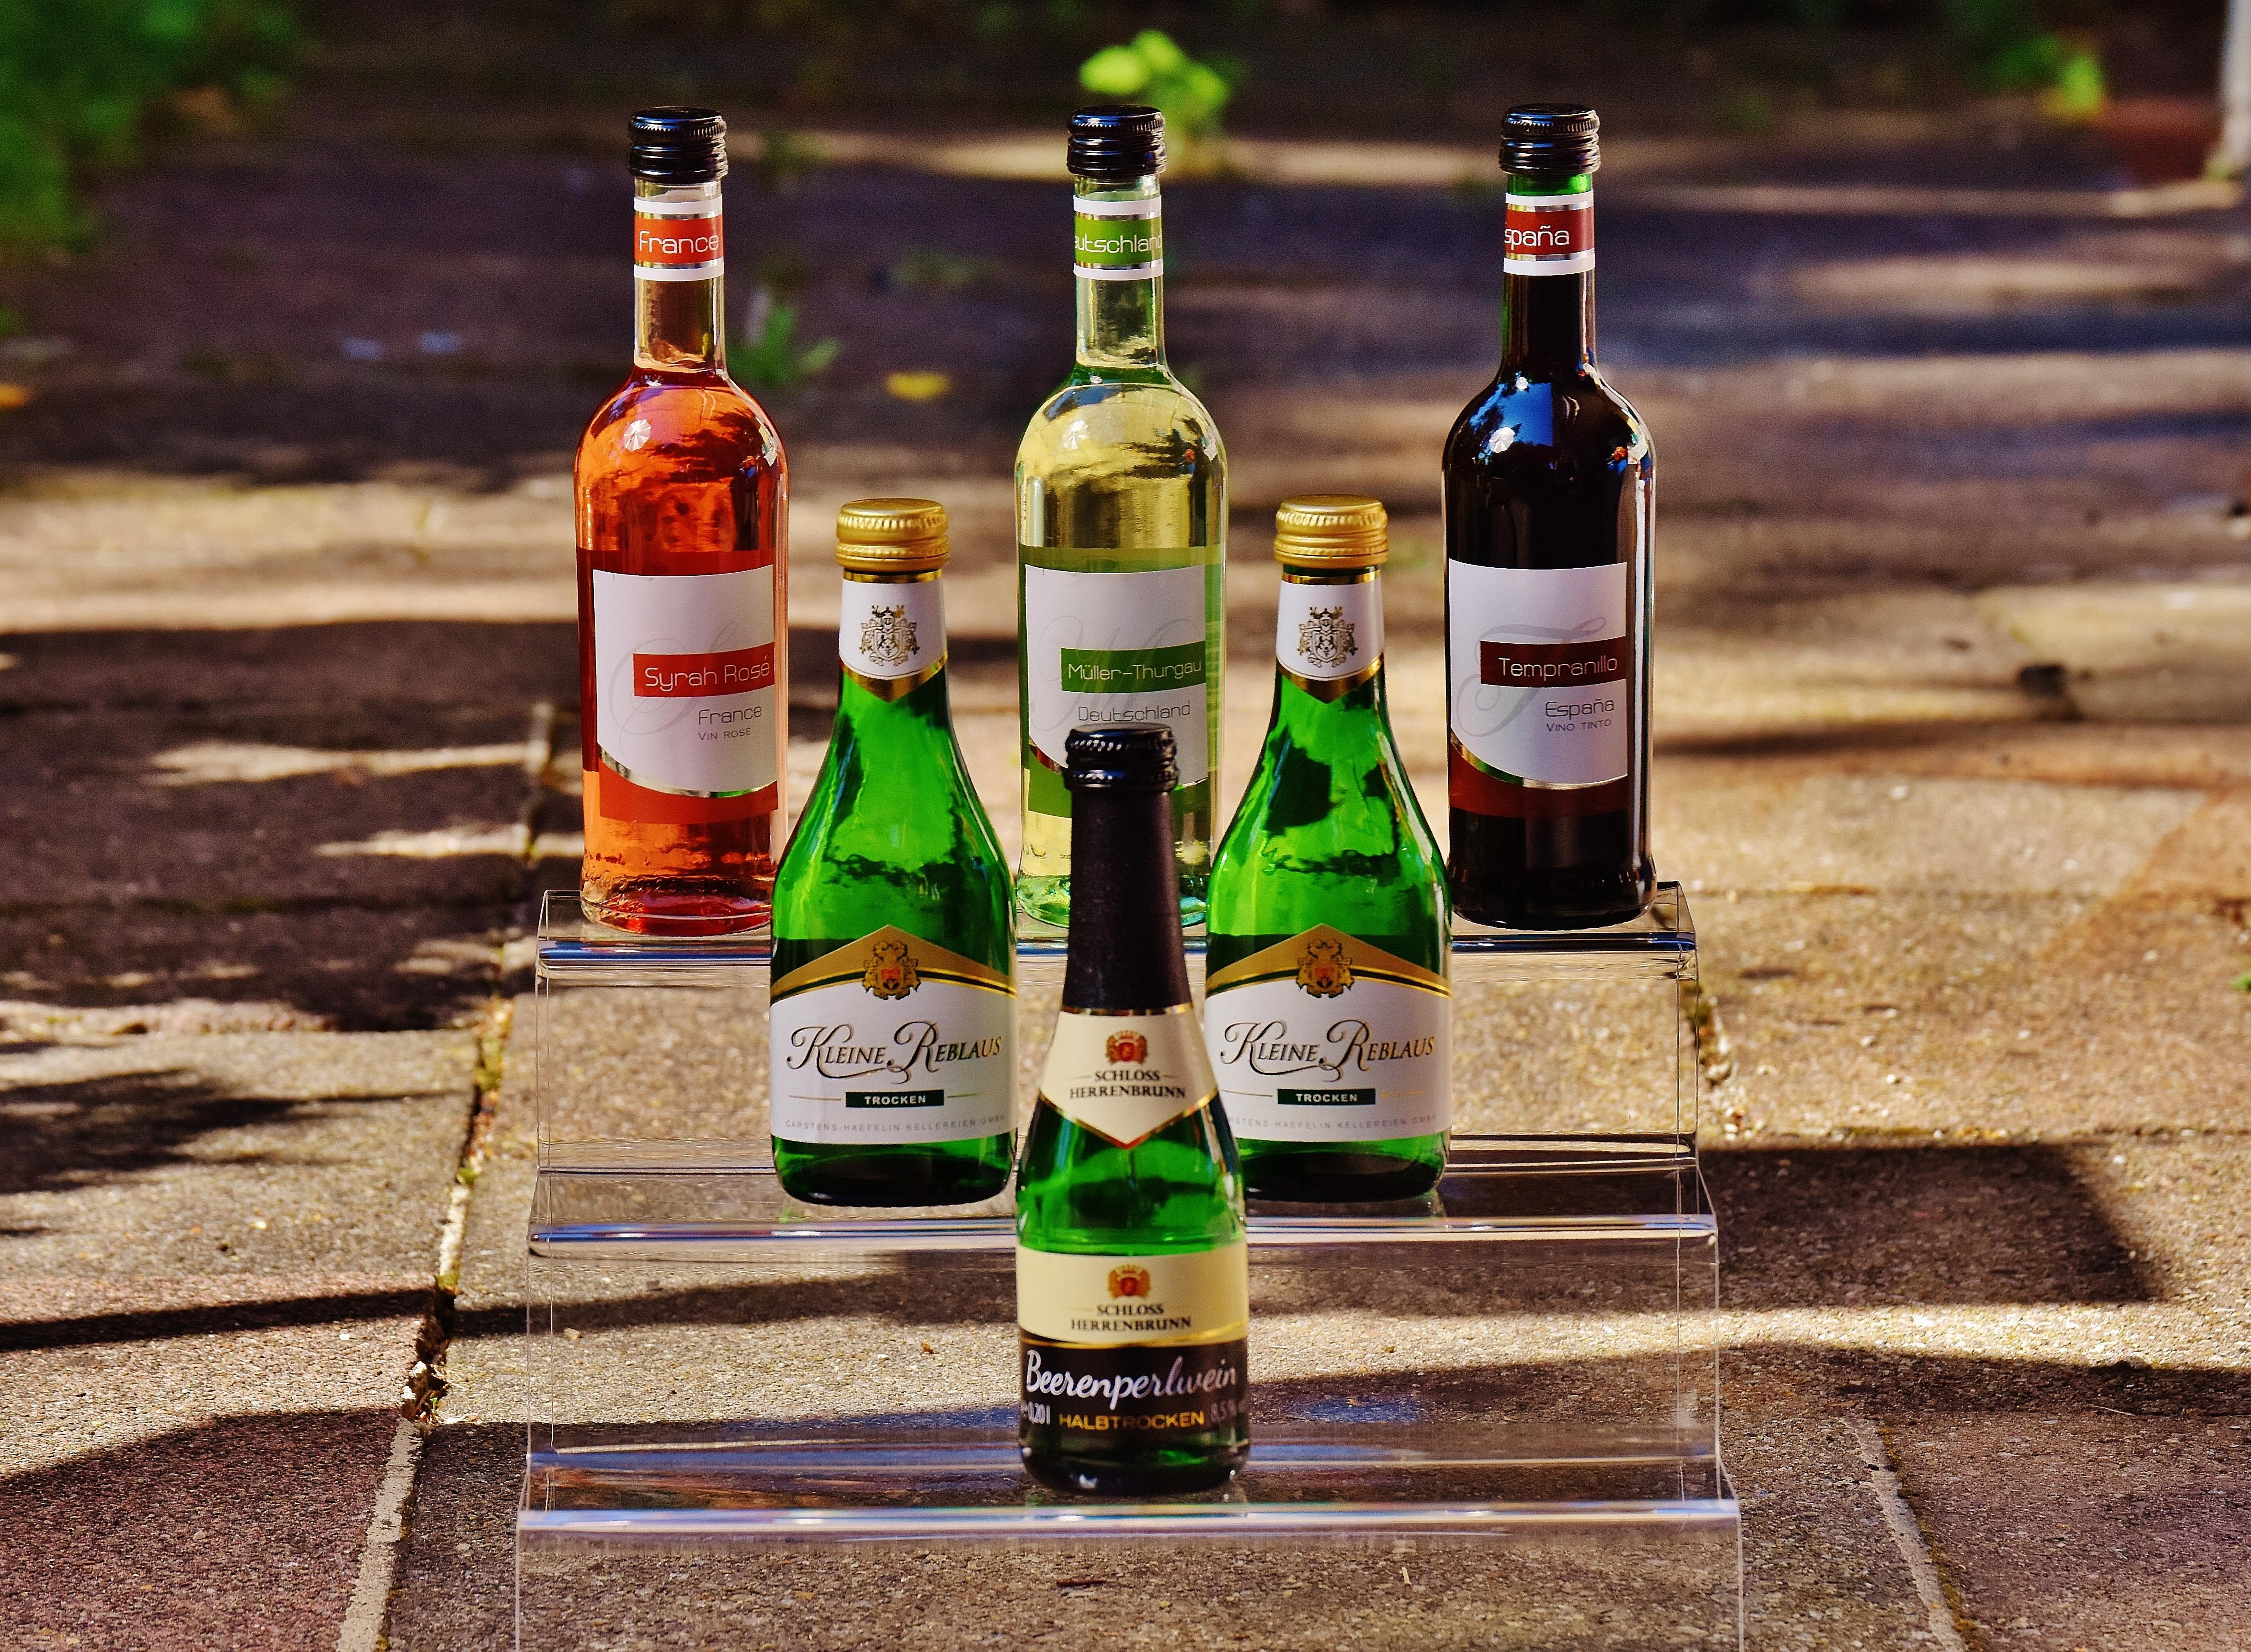 Kostenlose foto : Wein, Restaurant, Frankreich, Farbe, Flasche ...